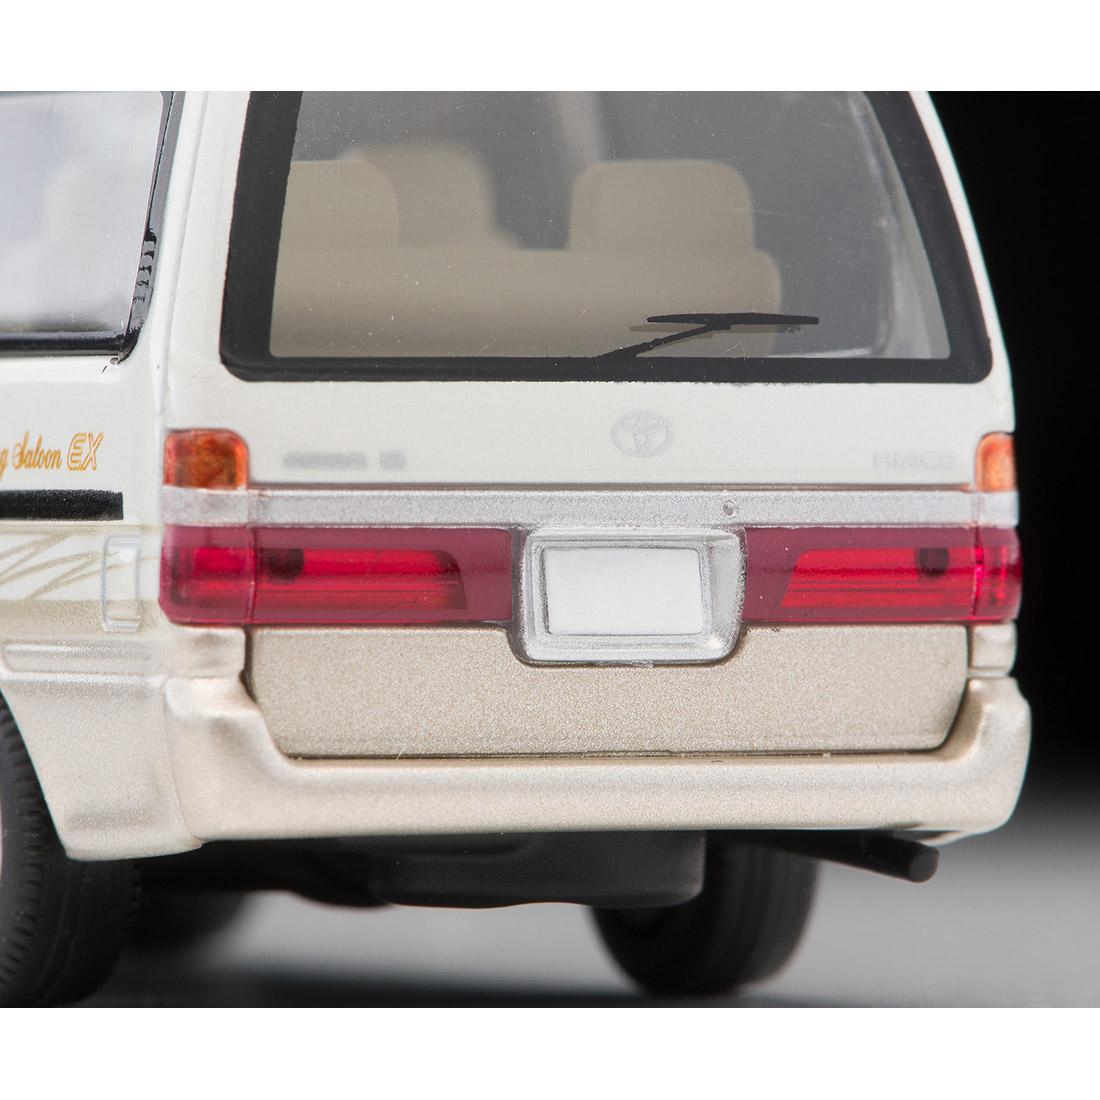 トミカリミテッド ヴィンテージ ネオ TLV-NEO『LV-N216a ハイエースワゴン リビングサルーン EX(白/ベージュ)』1/64 ミニカー-007